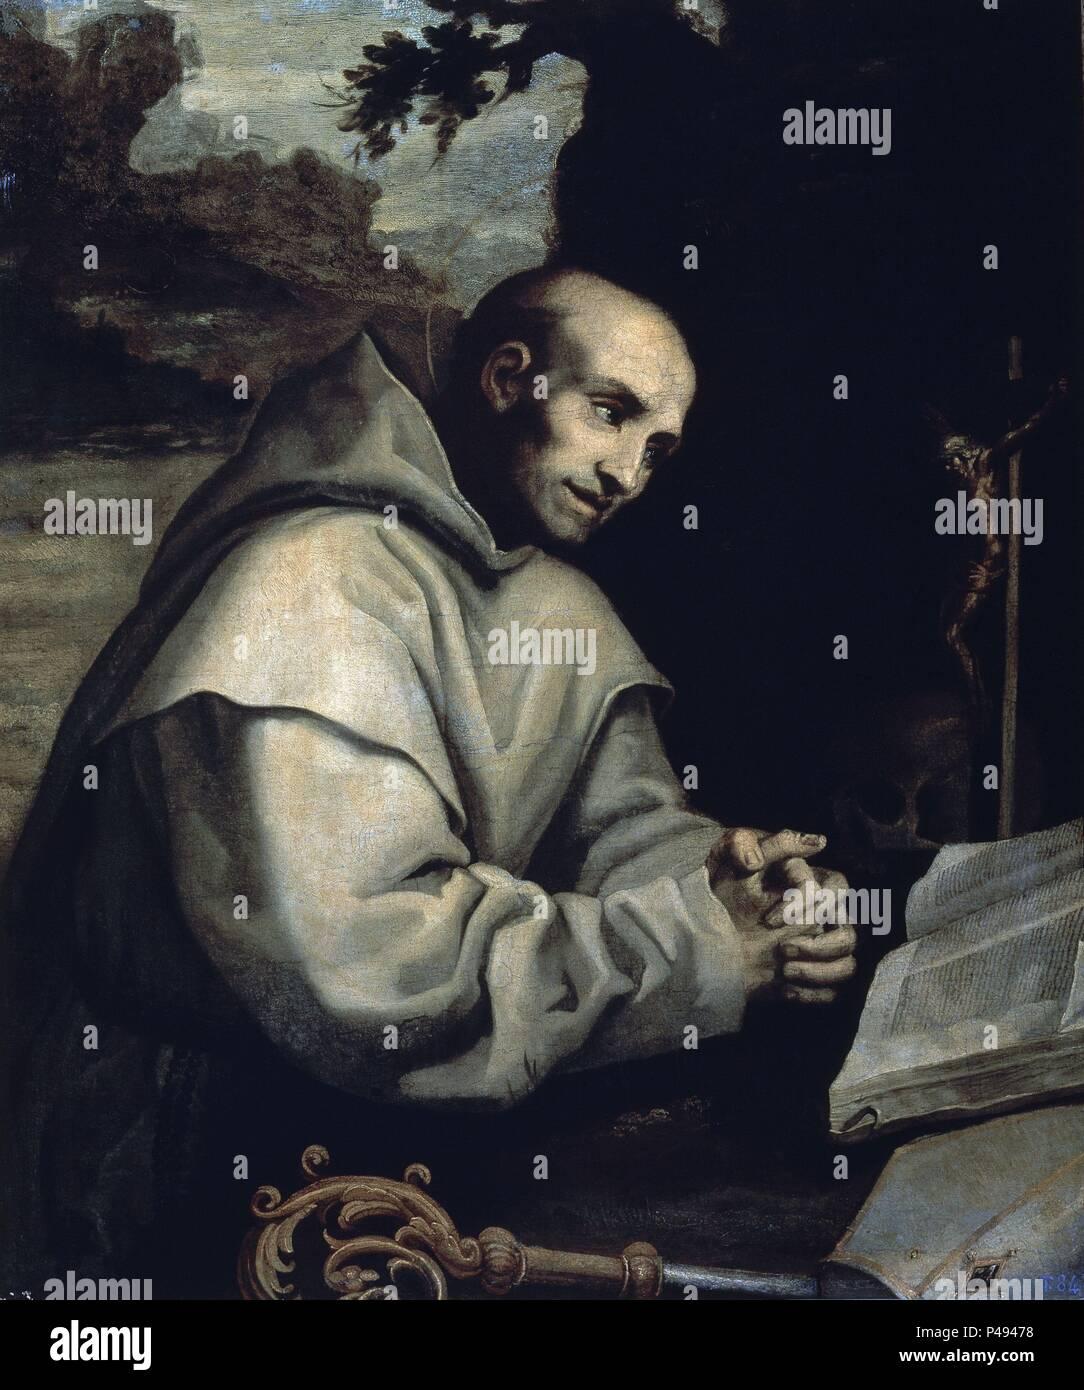 SAN BRUNO EN ORACION. Author: Vincenzo Carducci (c. 1576-1638). Location: MUSEUM OF FINE ARTS, MALAGA, SPAIN. - Stock Image